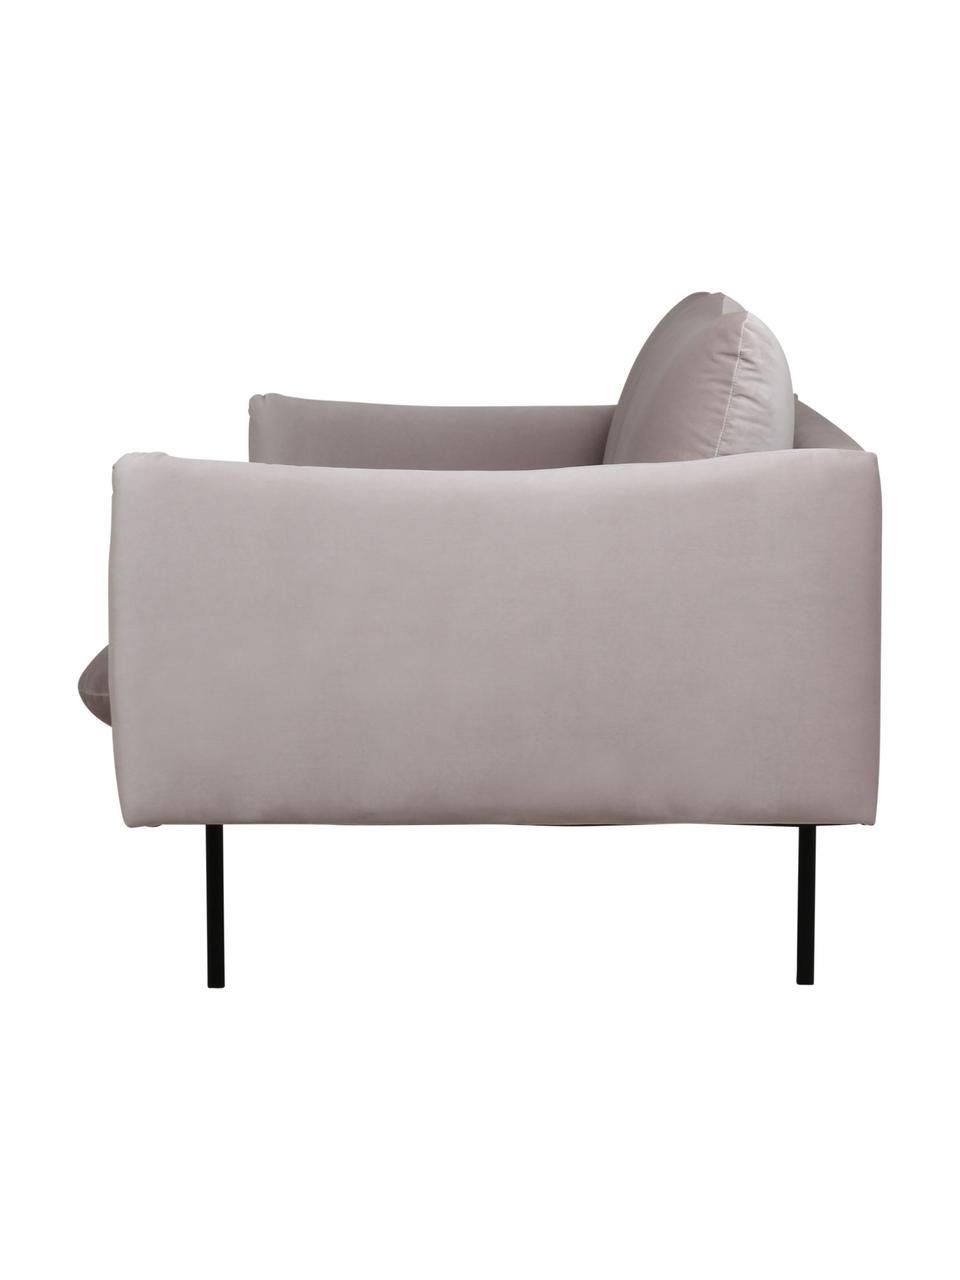 Canapé 3places velours taupe avec pieds en métal Moby, Velours beige